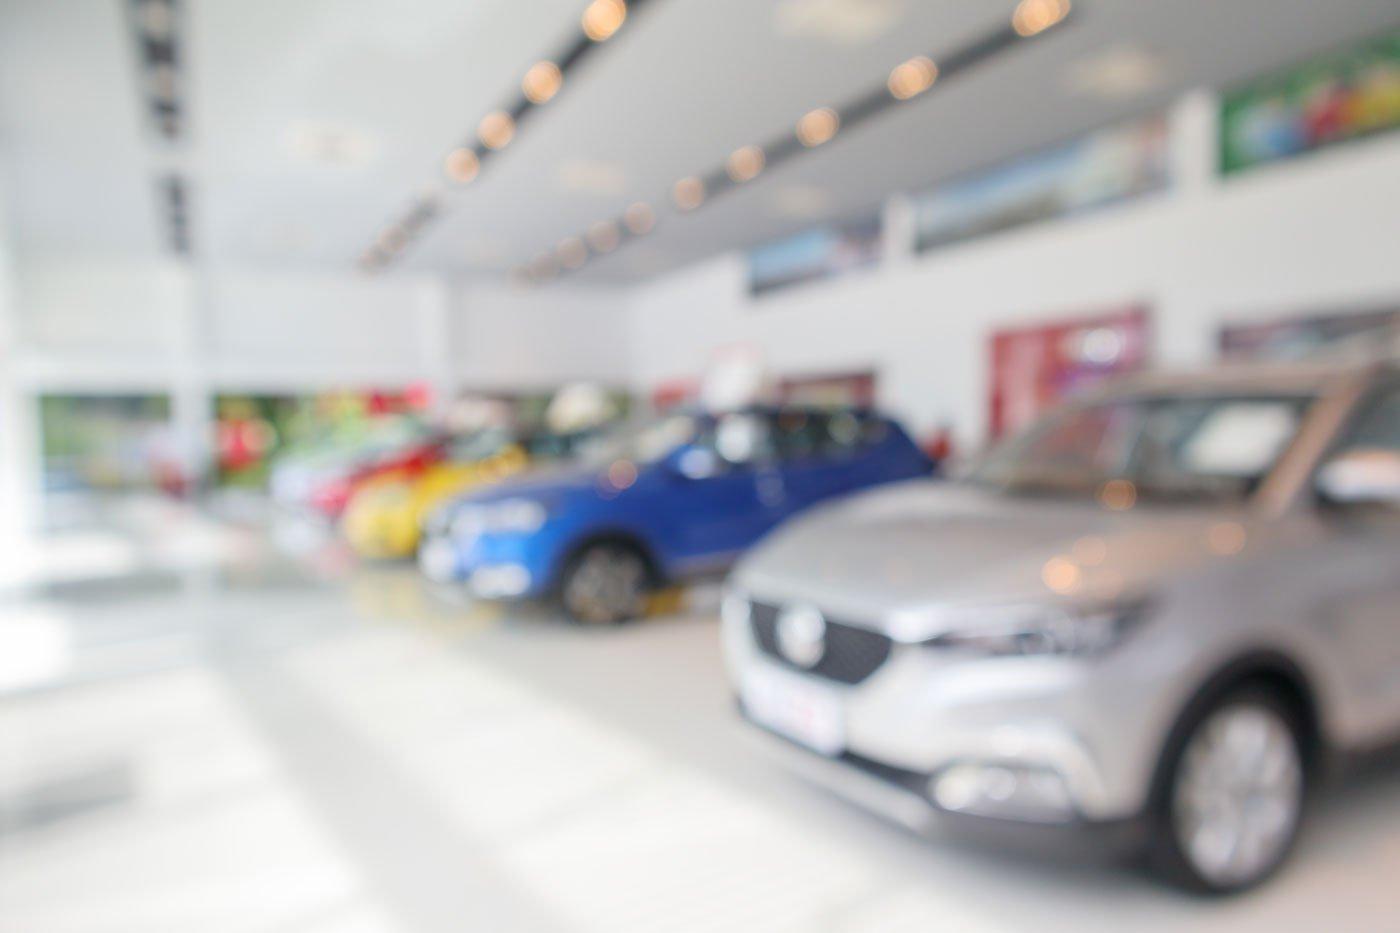 dealership-blurr-showroom5-8-vds20-full